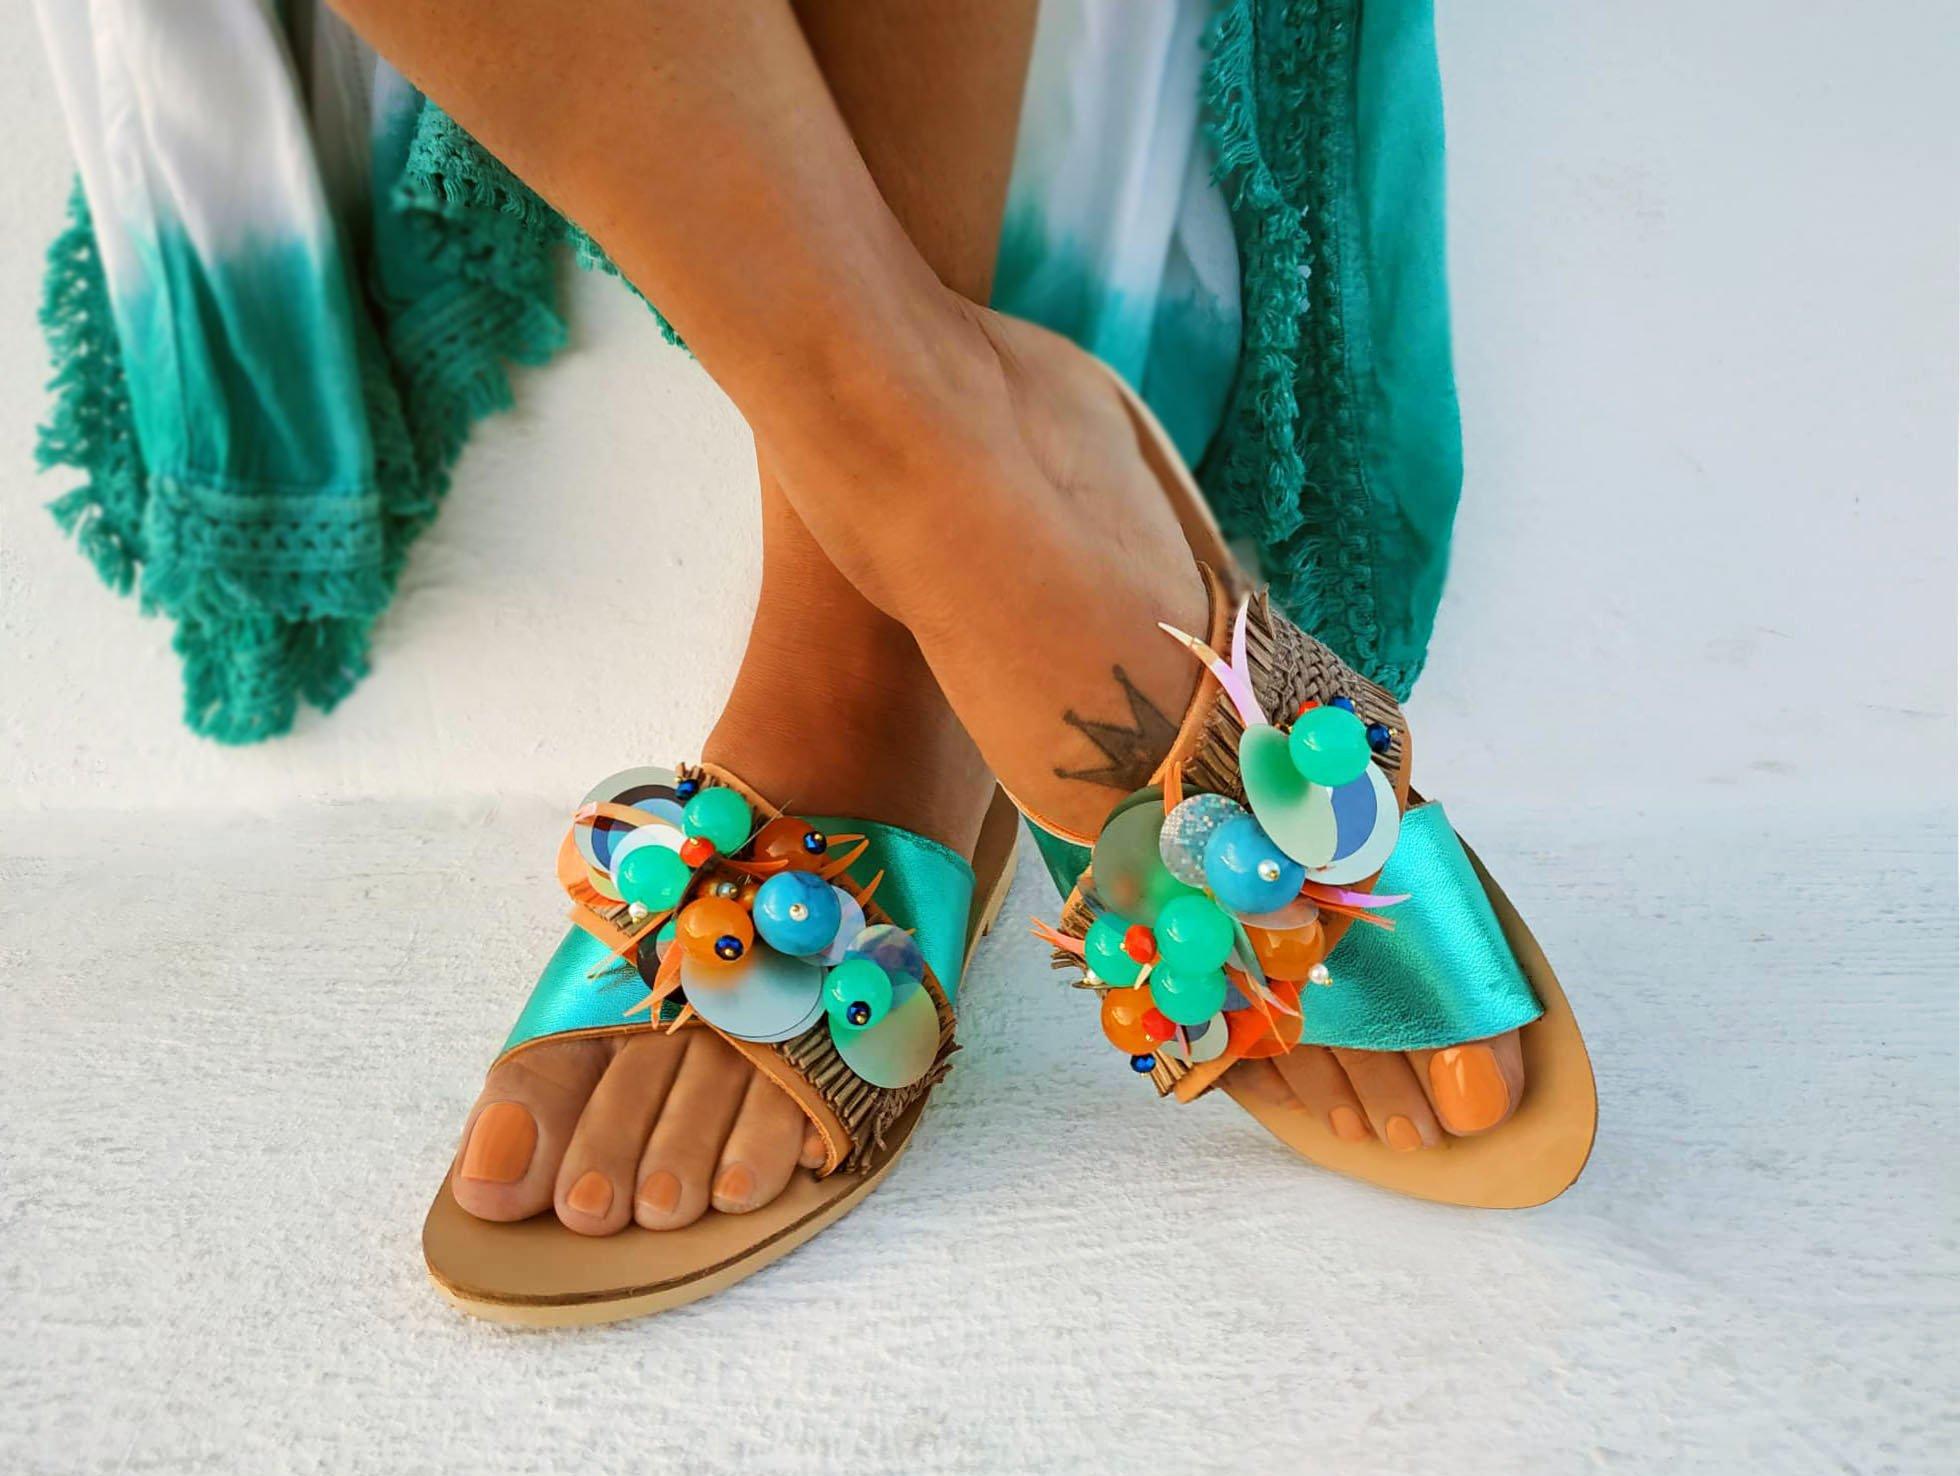 873863c8916eb6 Blue Turquoise sandals-Anatolius